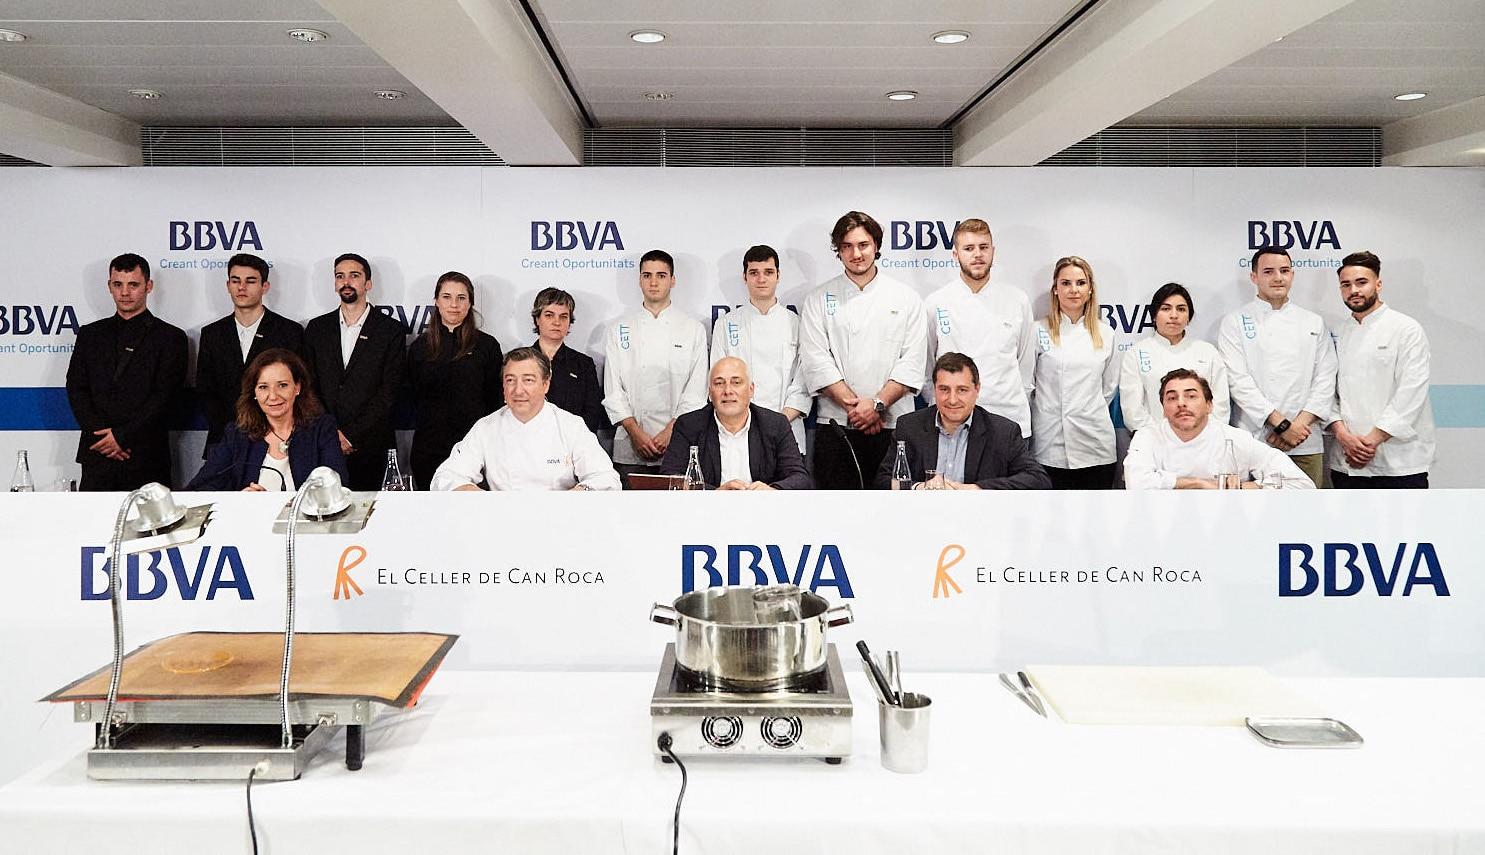 Los 13 aspirantes del CETT posan juanto a los hermanos Roca antes de preparar el servicio de la Gira BBVA